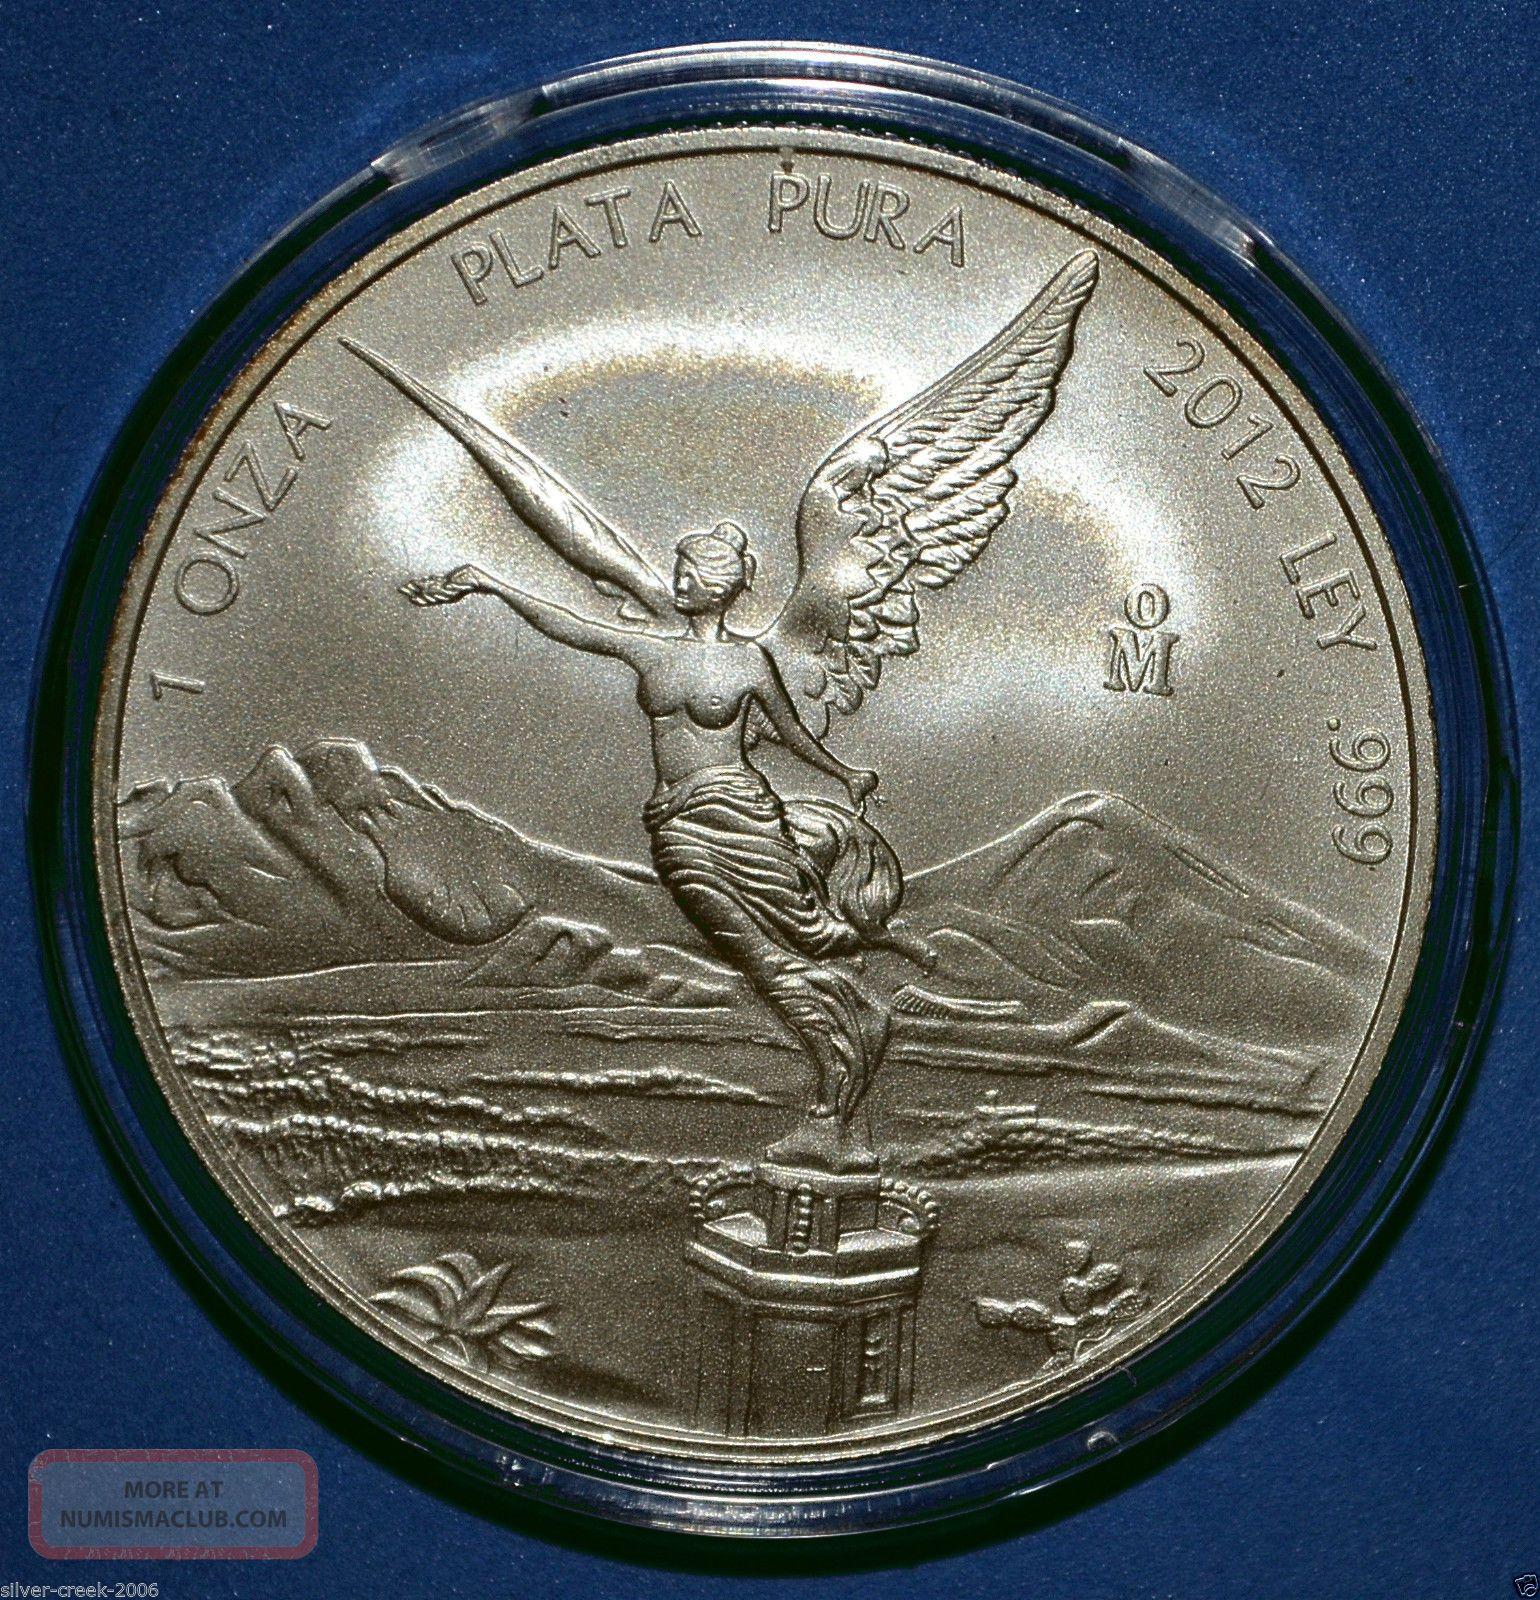 2012 Mexican Libertad 1 Oz 999 Pure Silver Coin Brilliant